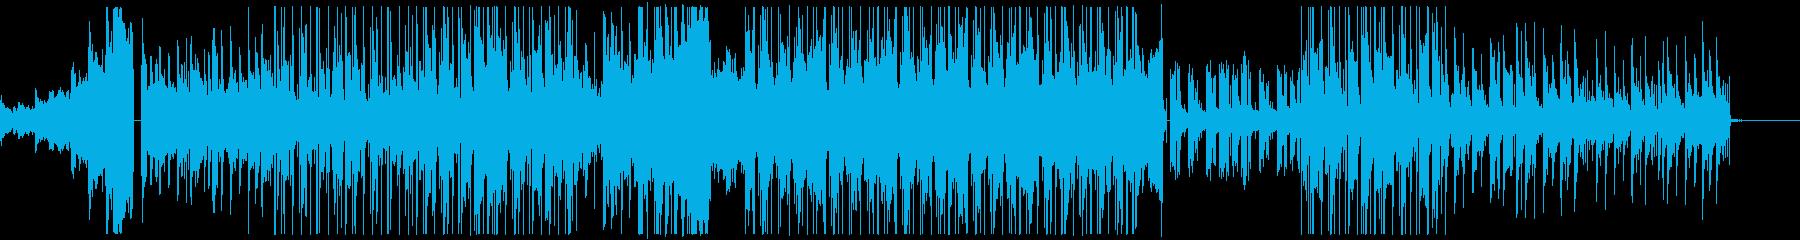 まったりと寛げるHip HopのBGMの再生済みの波形